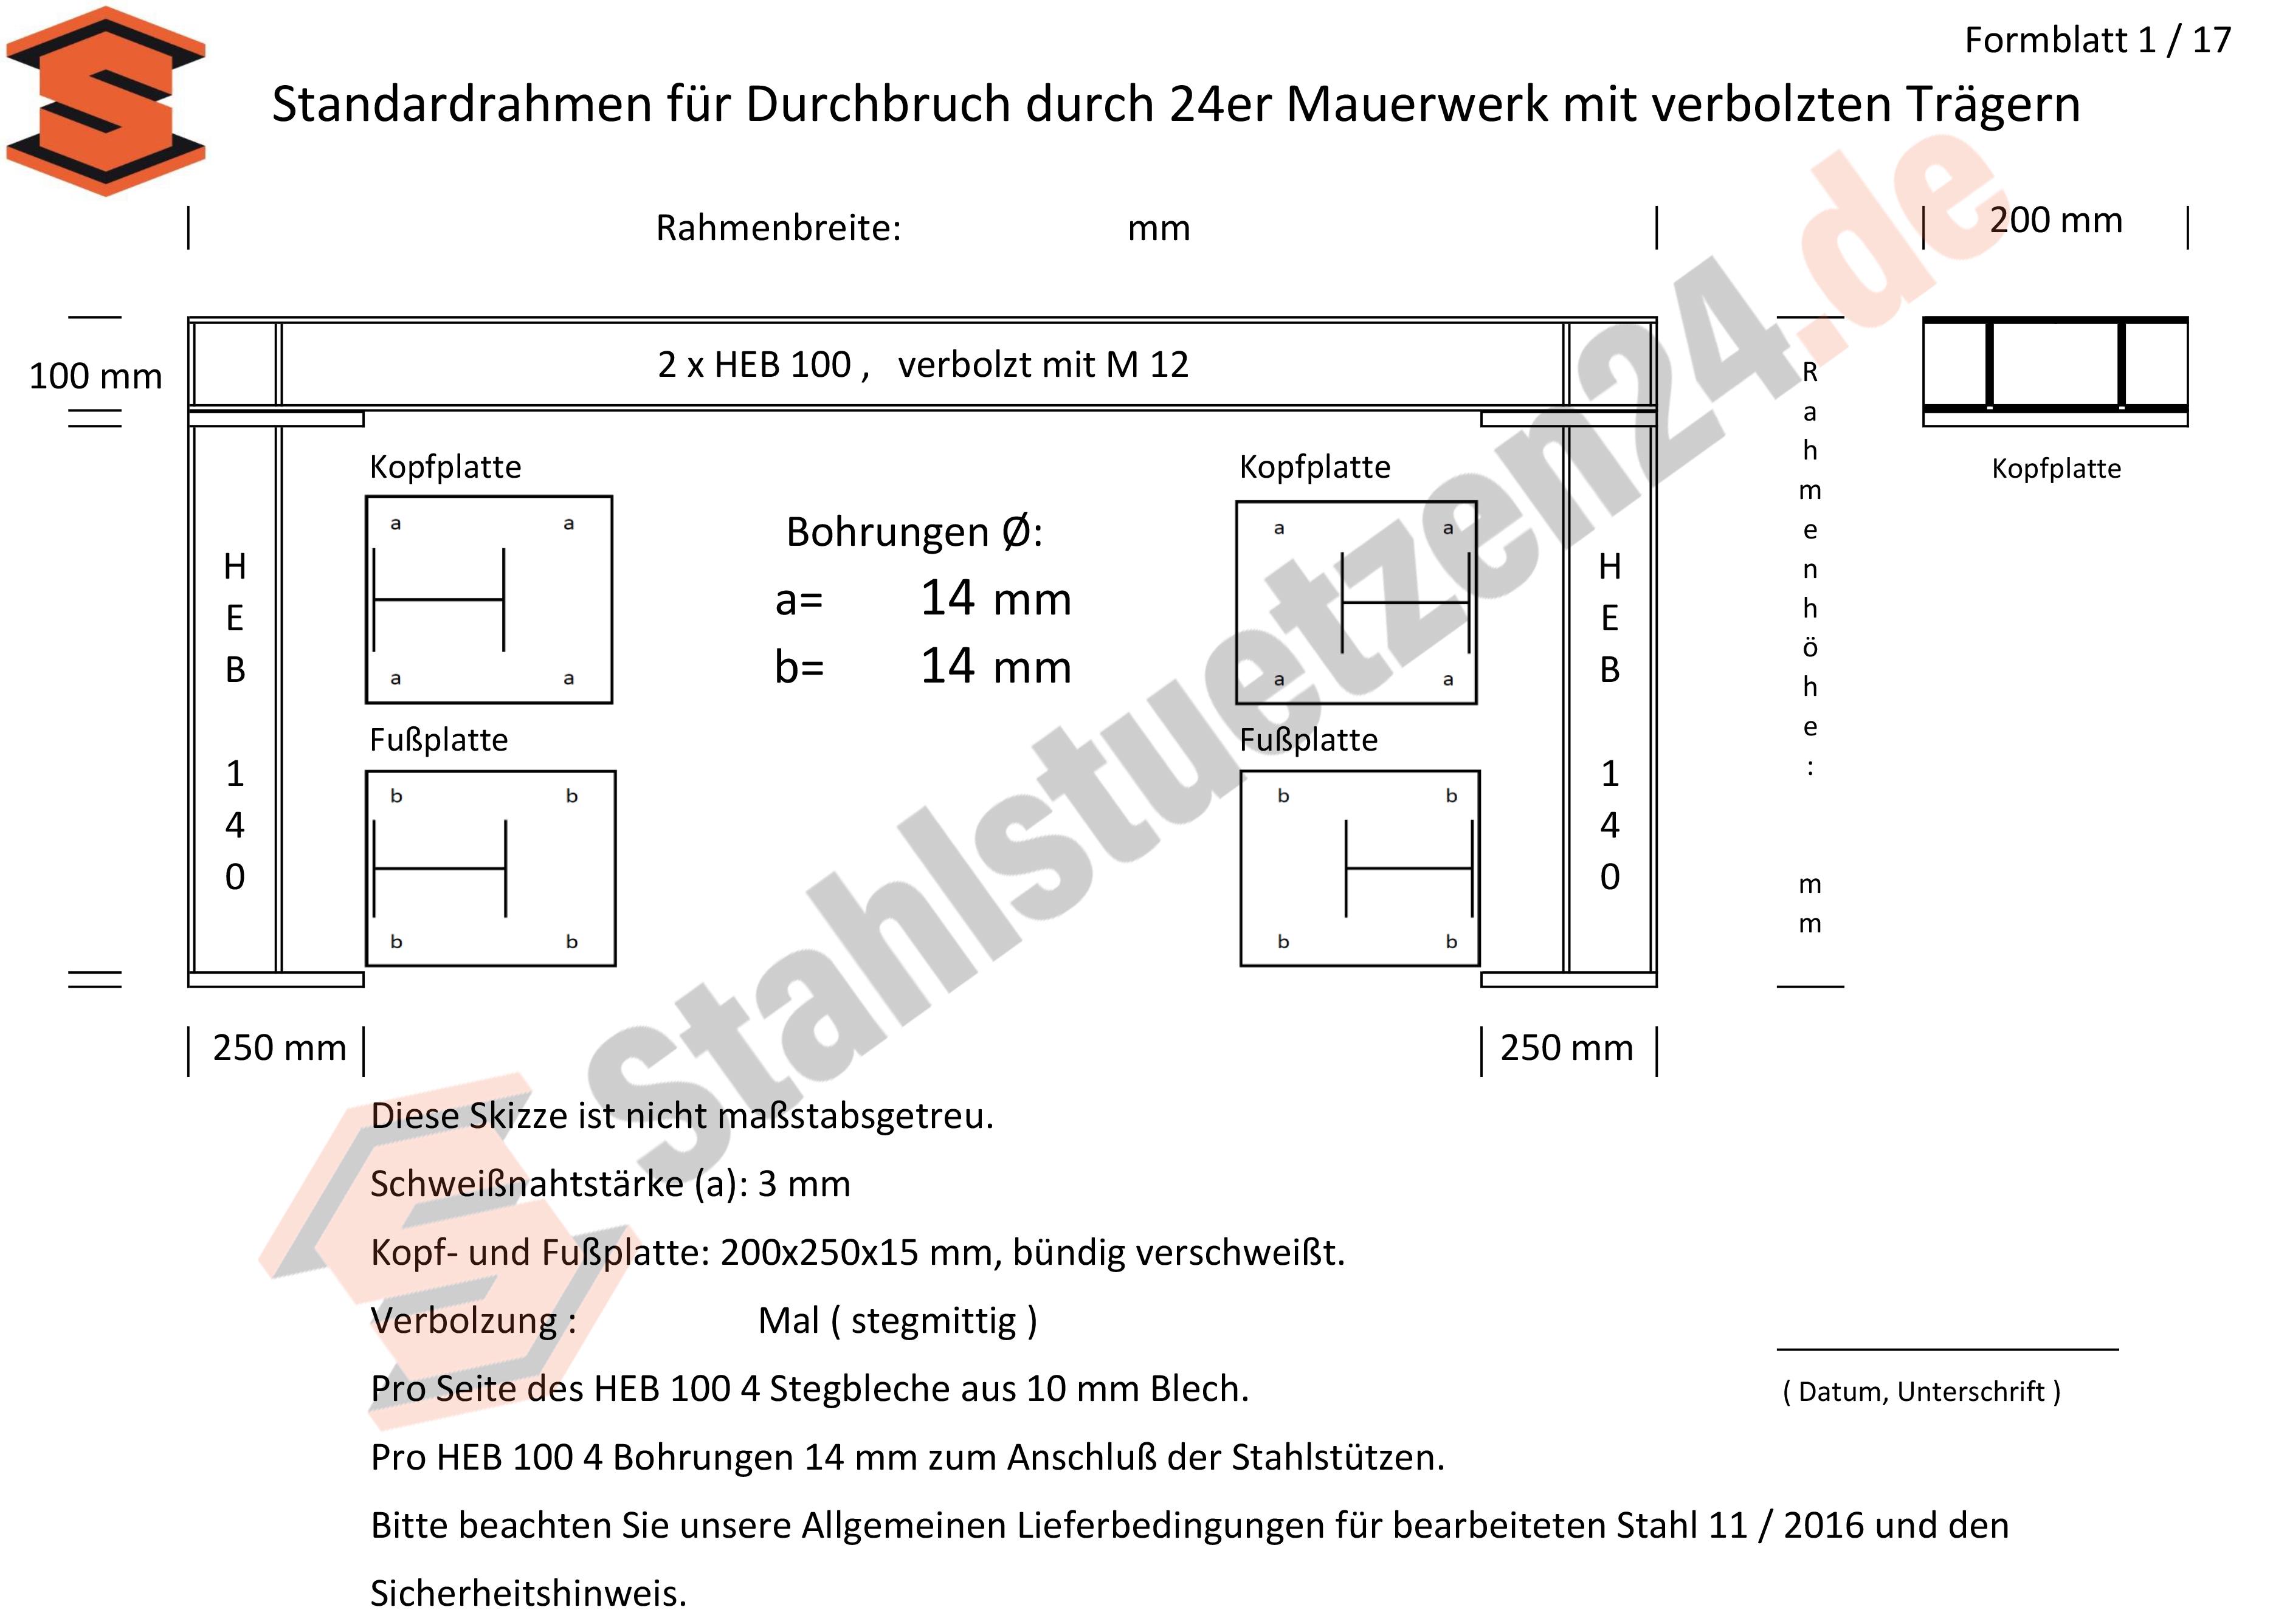 Konstruktionshilfe - Standardrahmen für Durchbruch durch 24er Mauerwerk mit verbolzten Trägern